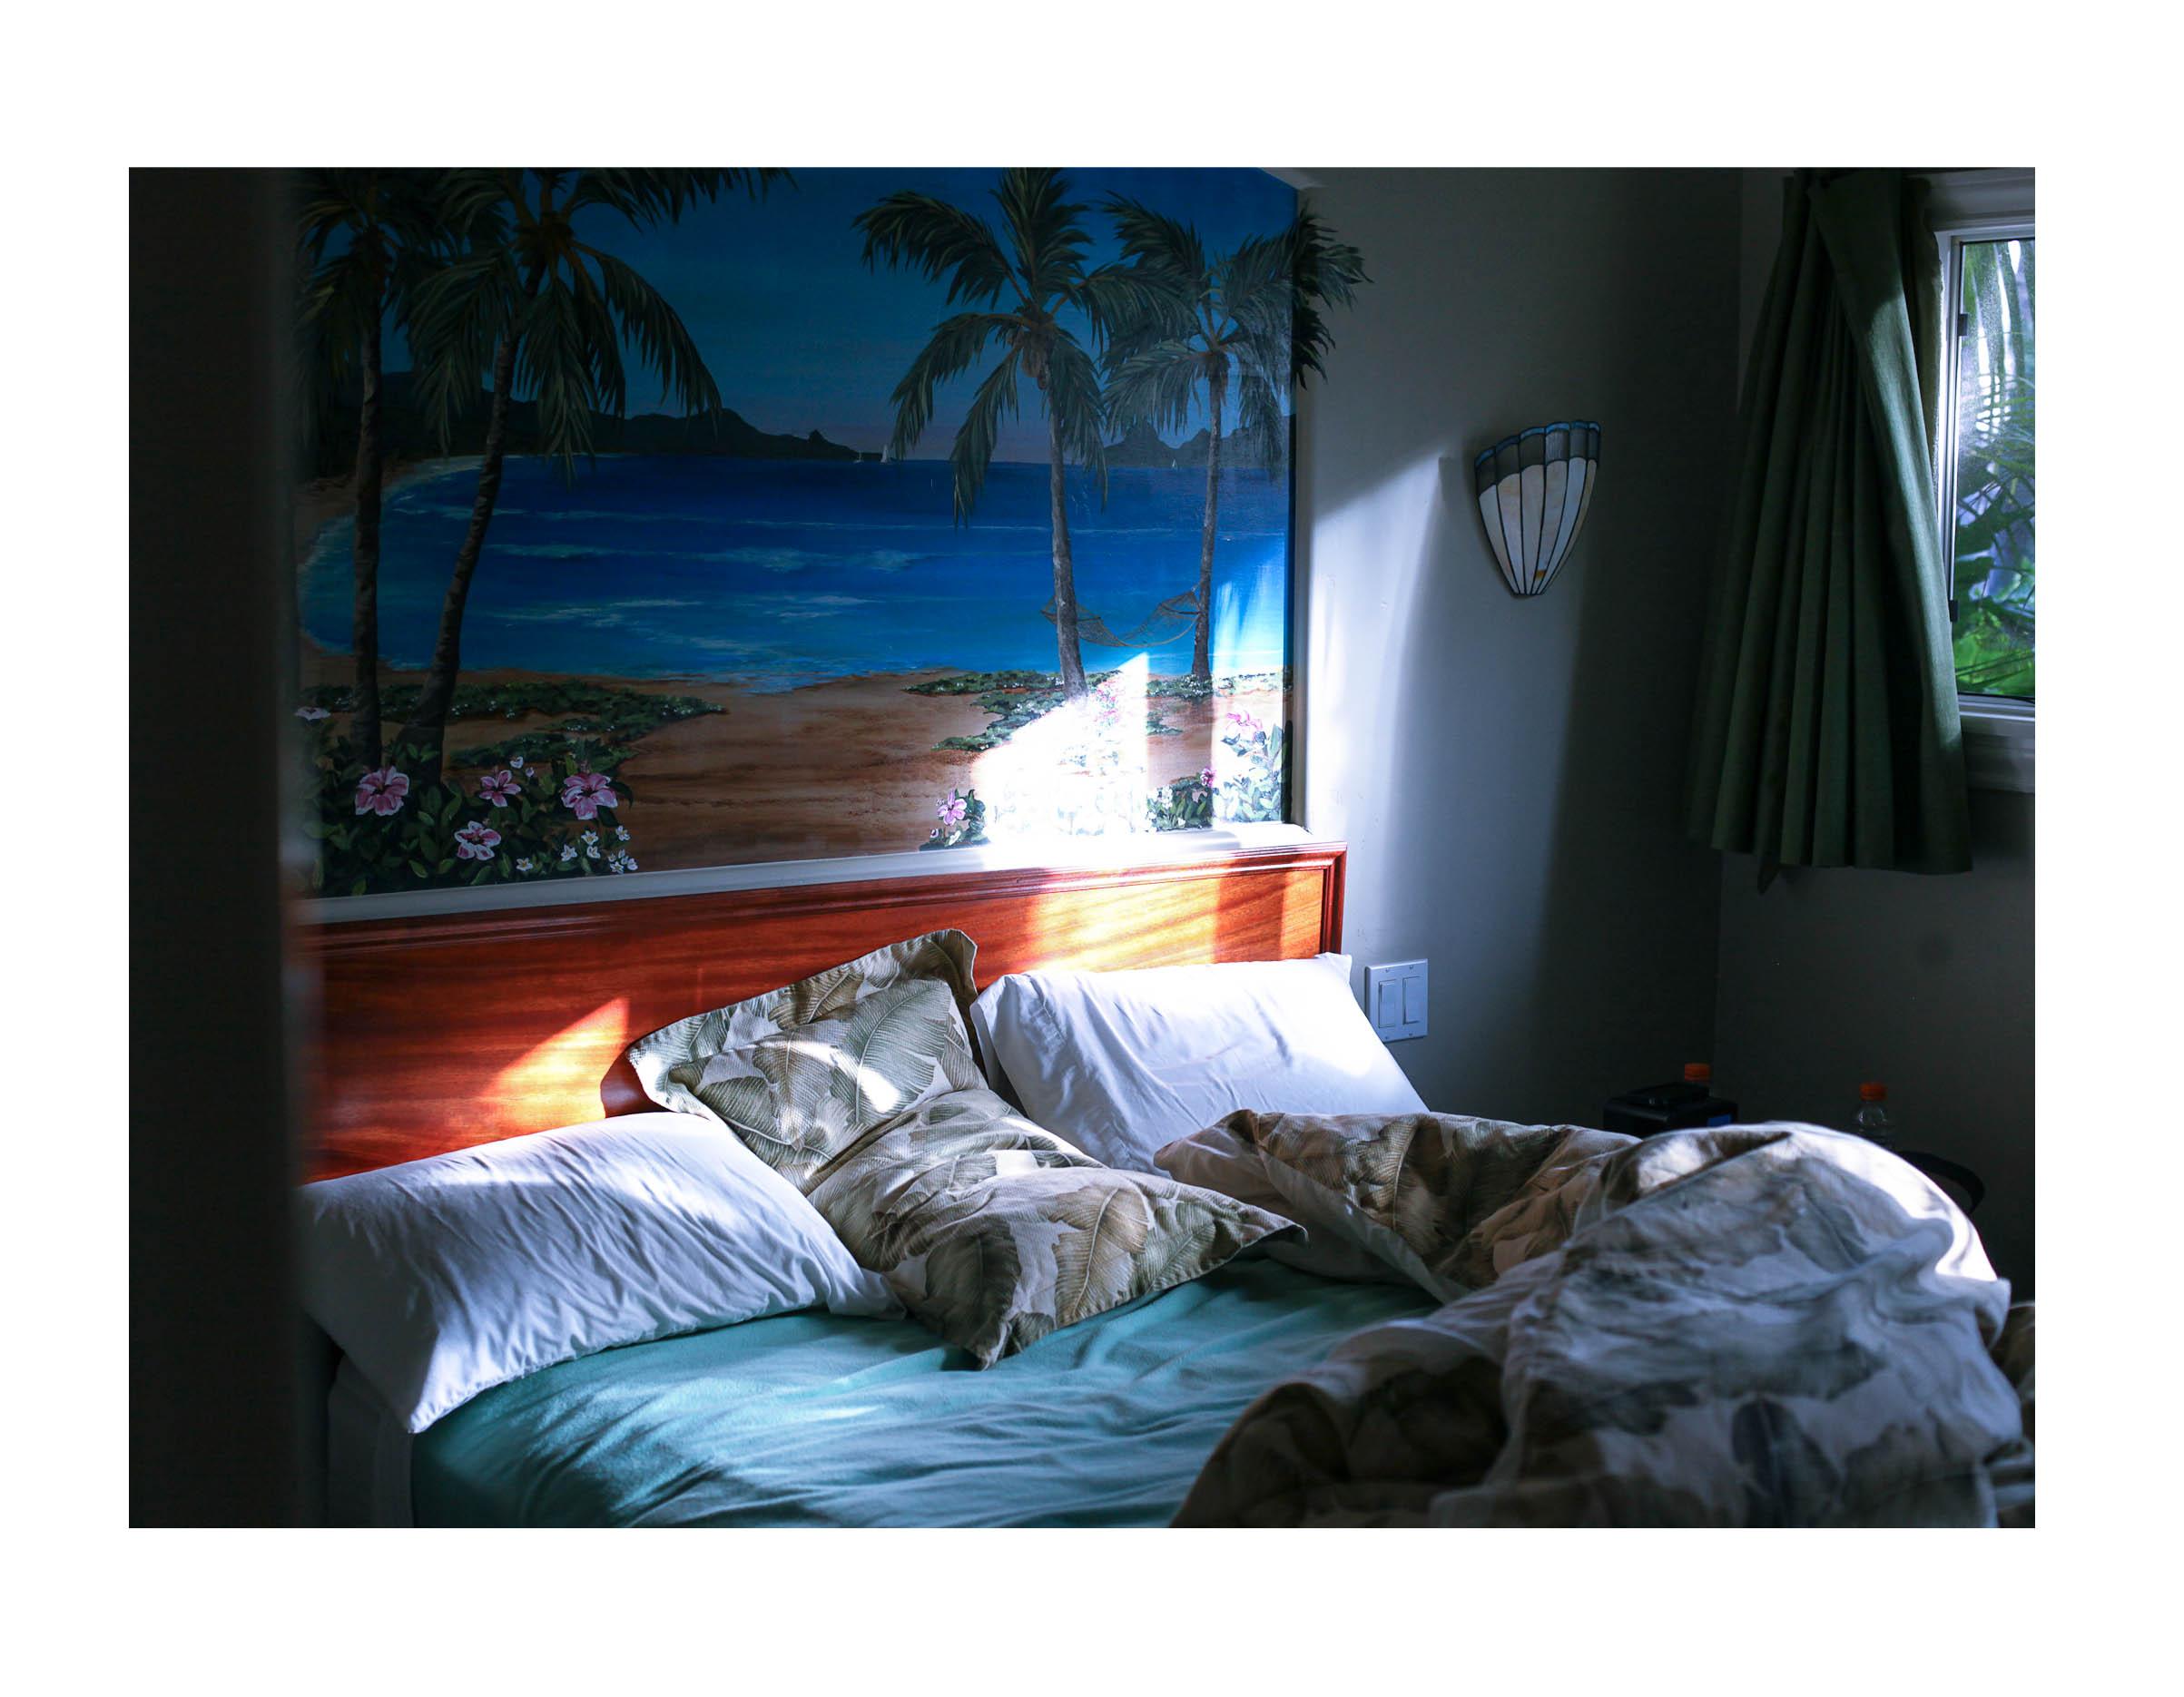 Sfondi : la pittura, finestra, camera, spiaggia, blu, Canone ...